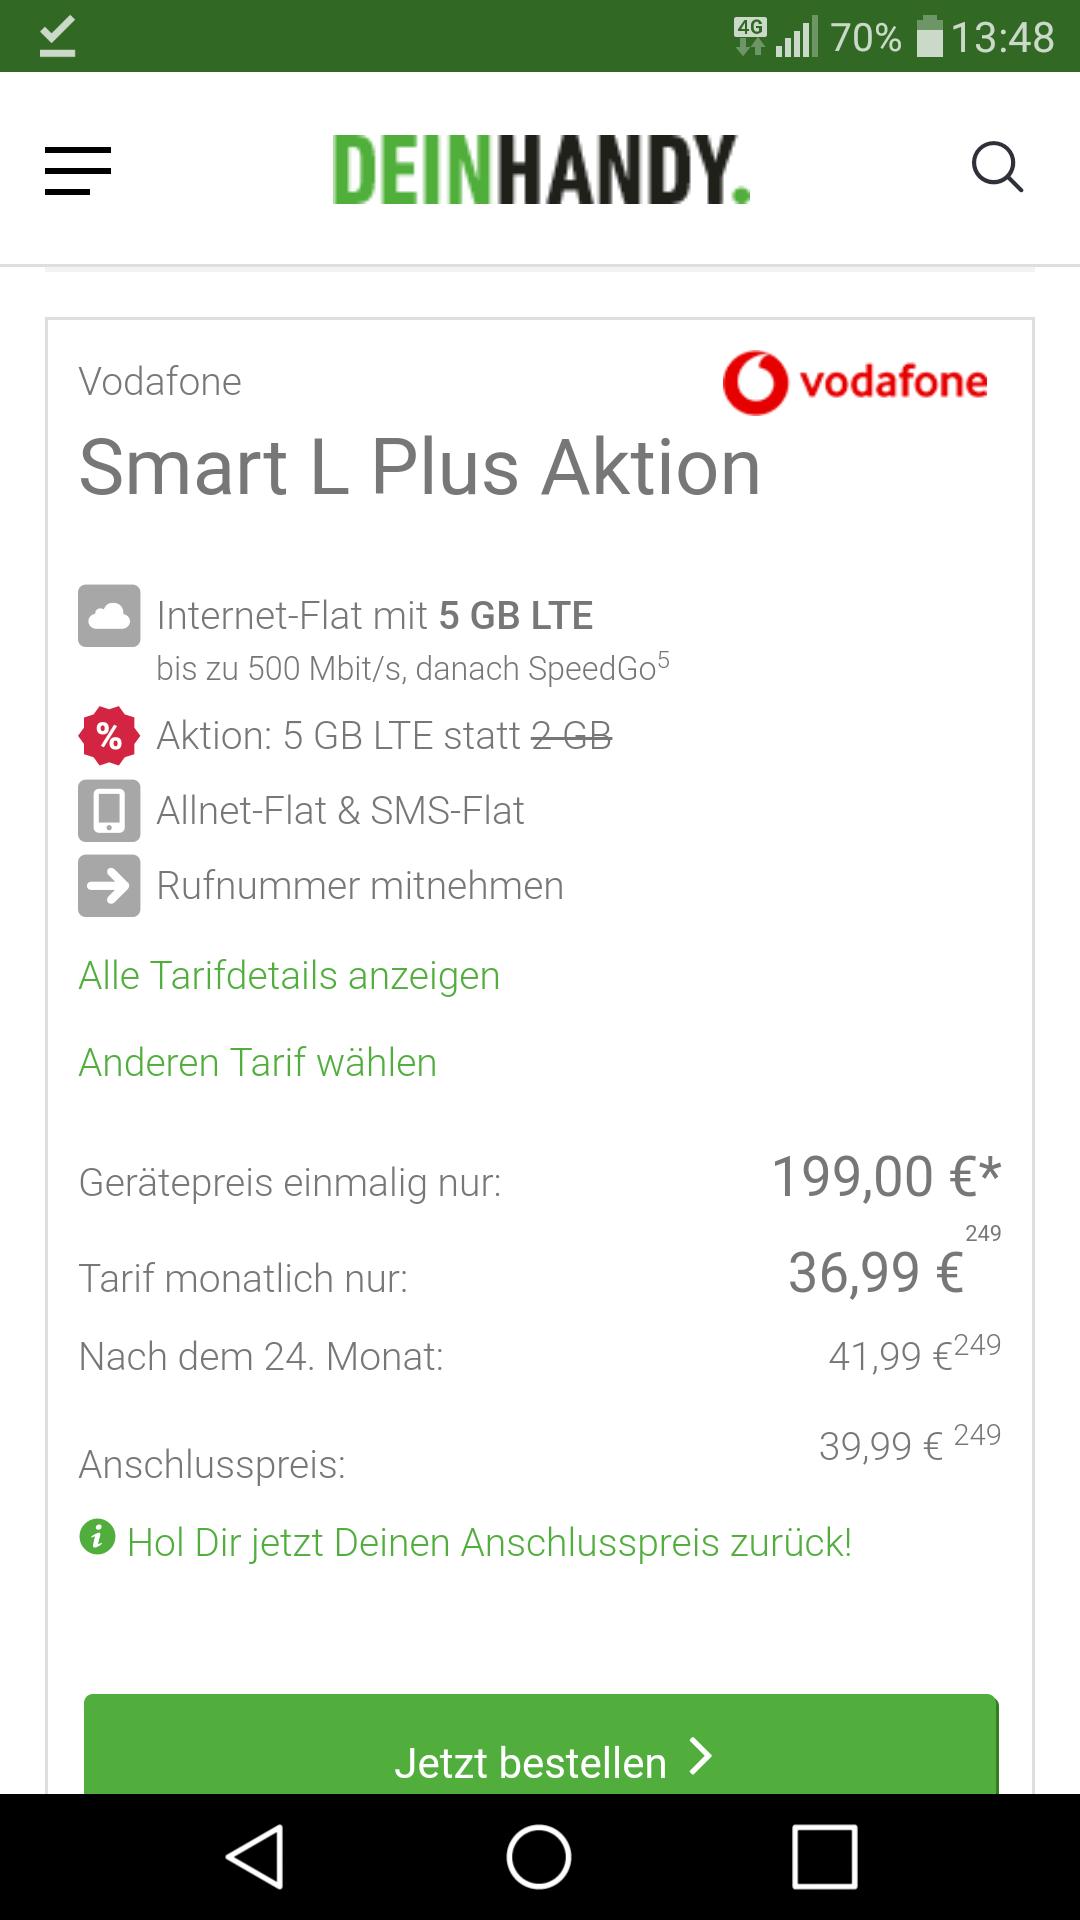 [DeinHandy.de] Samsung S9 Plus und Vodafone Smart L+ 5GB LTE für 36.99 mtl. und 199€ Zuzahlung (13.65 mtl. Effektiv)